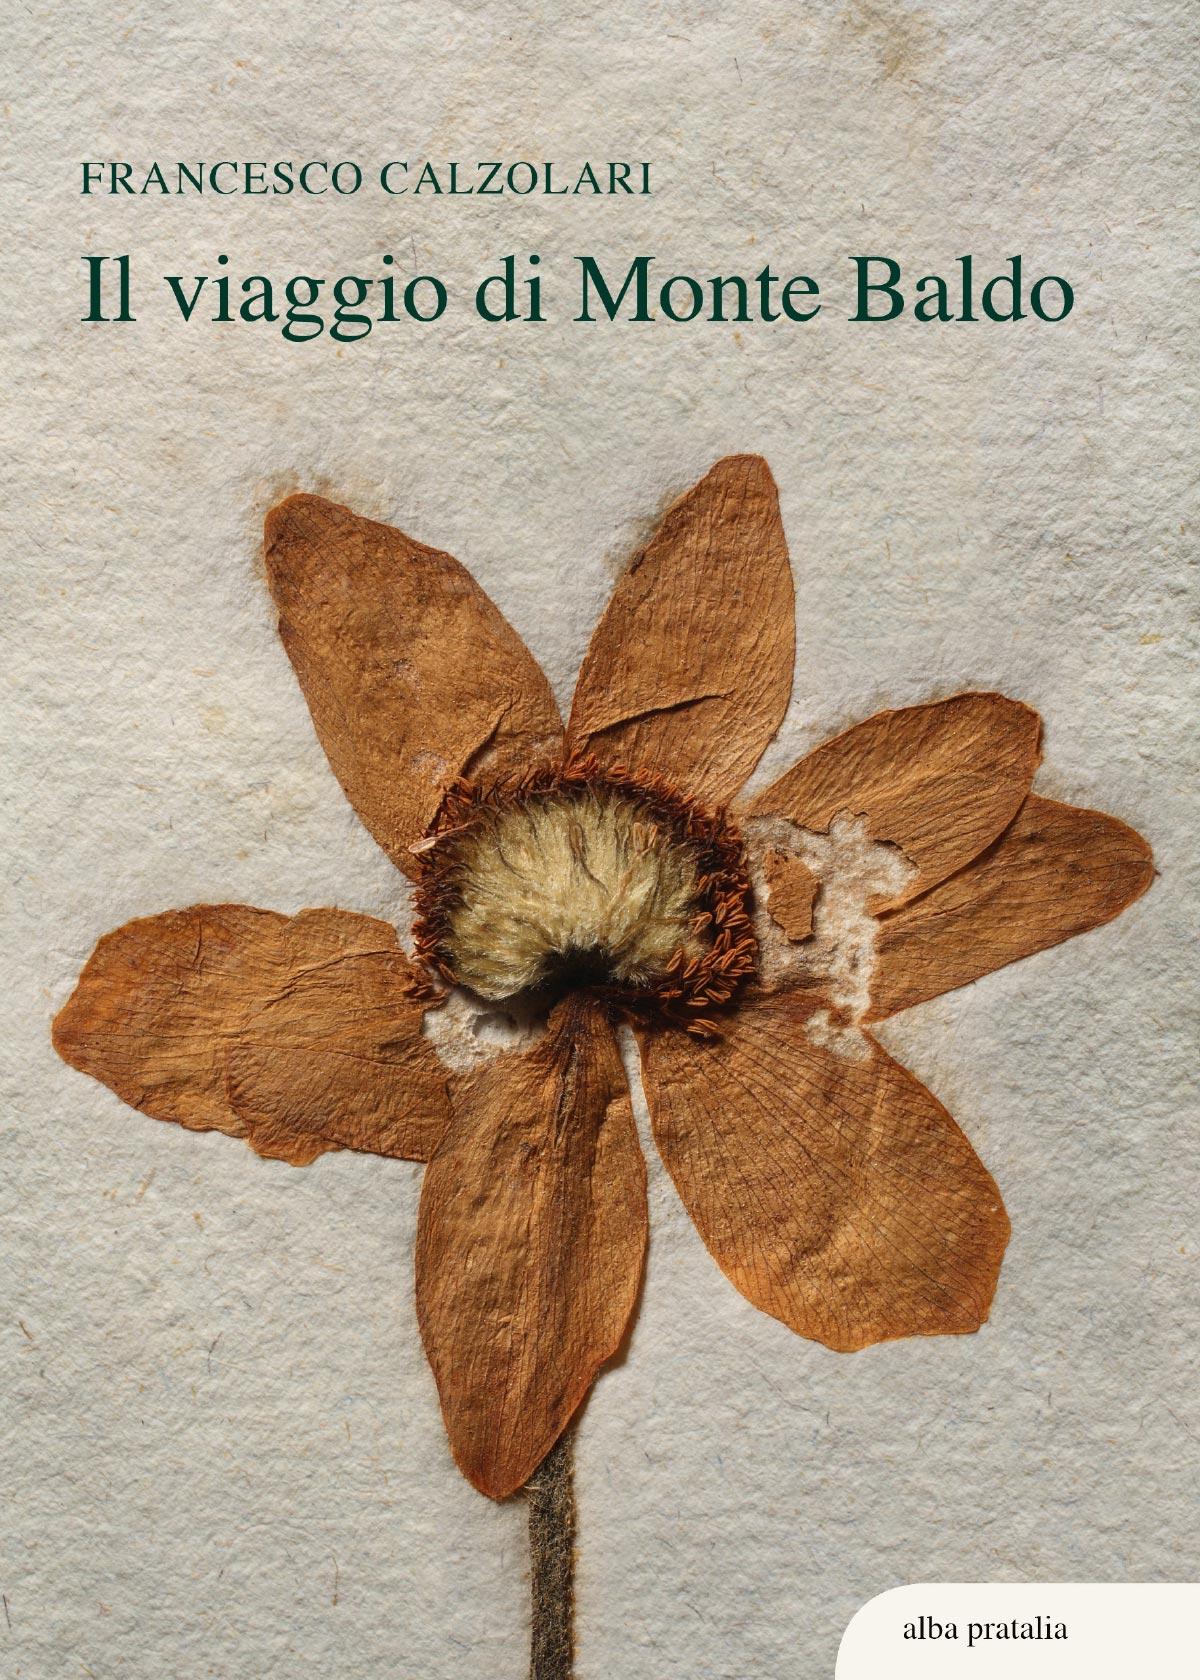 Il viaggio di Monte Baldo Francesco Calzolari